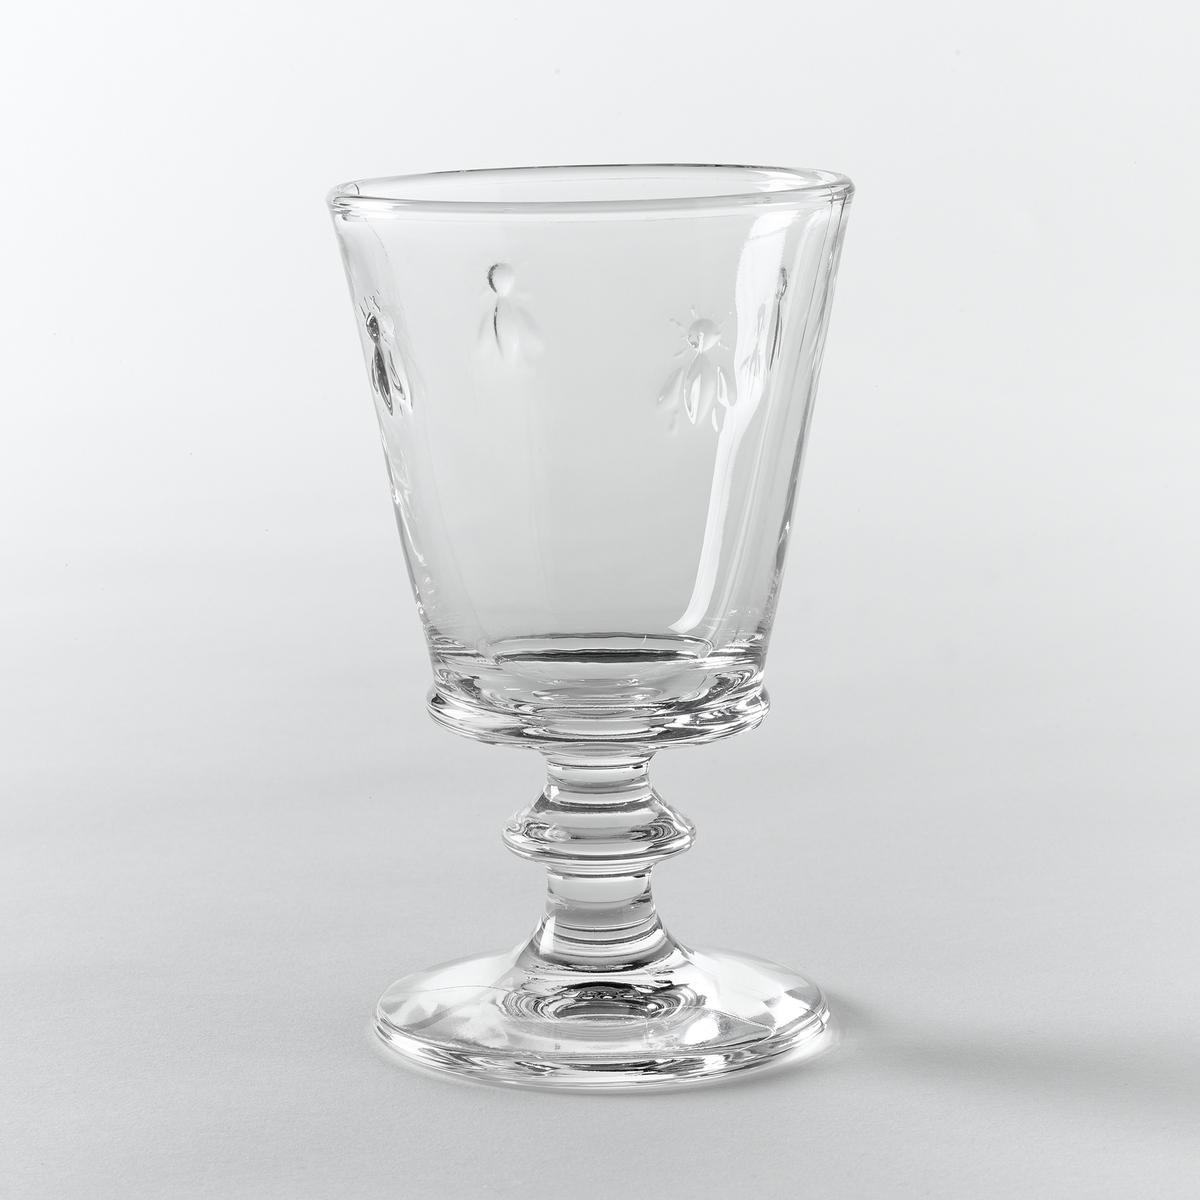 Комплект из 6 стеклянных бокалов для вина с рисунком пчелы